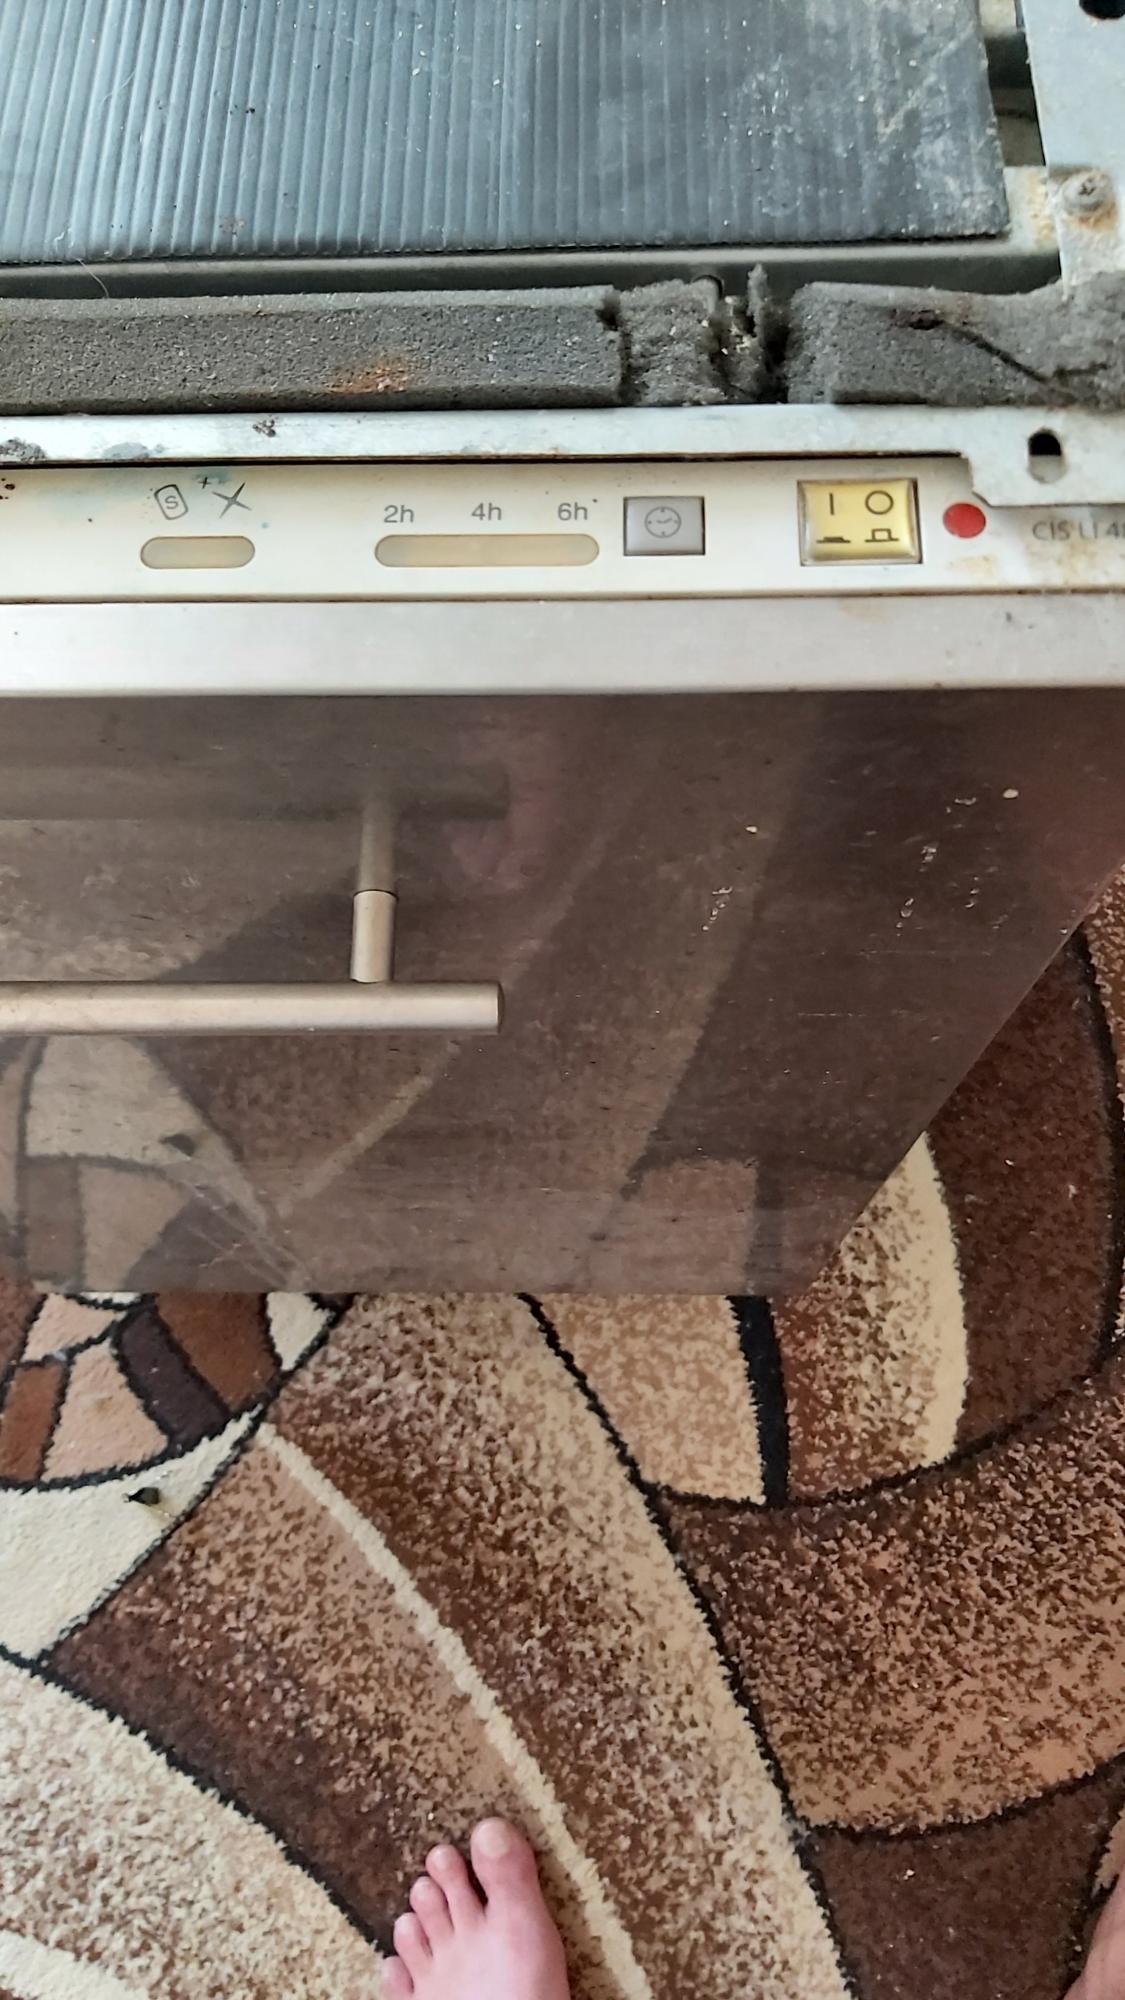 Посудомойка ARISTON в Котельниках 89261279167 купить 6